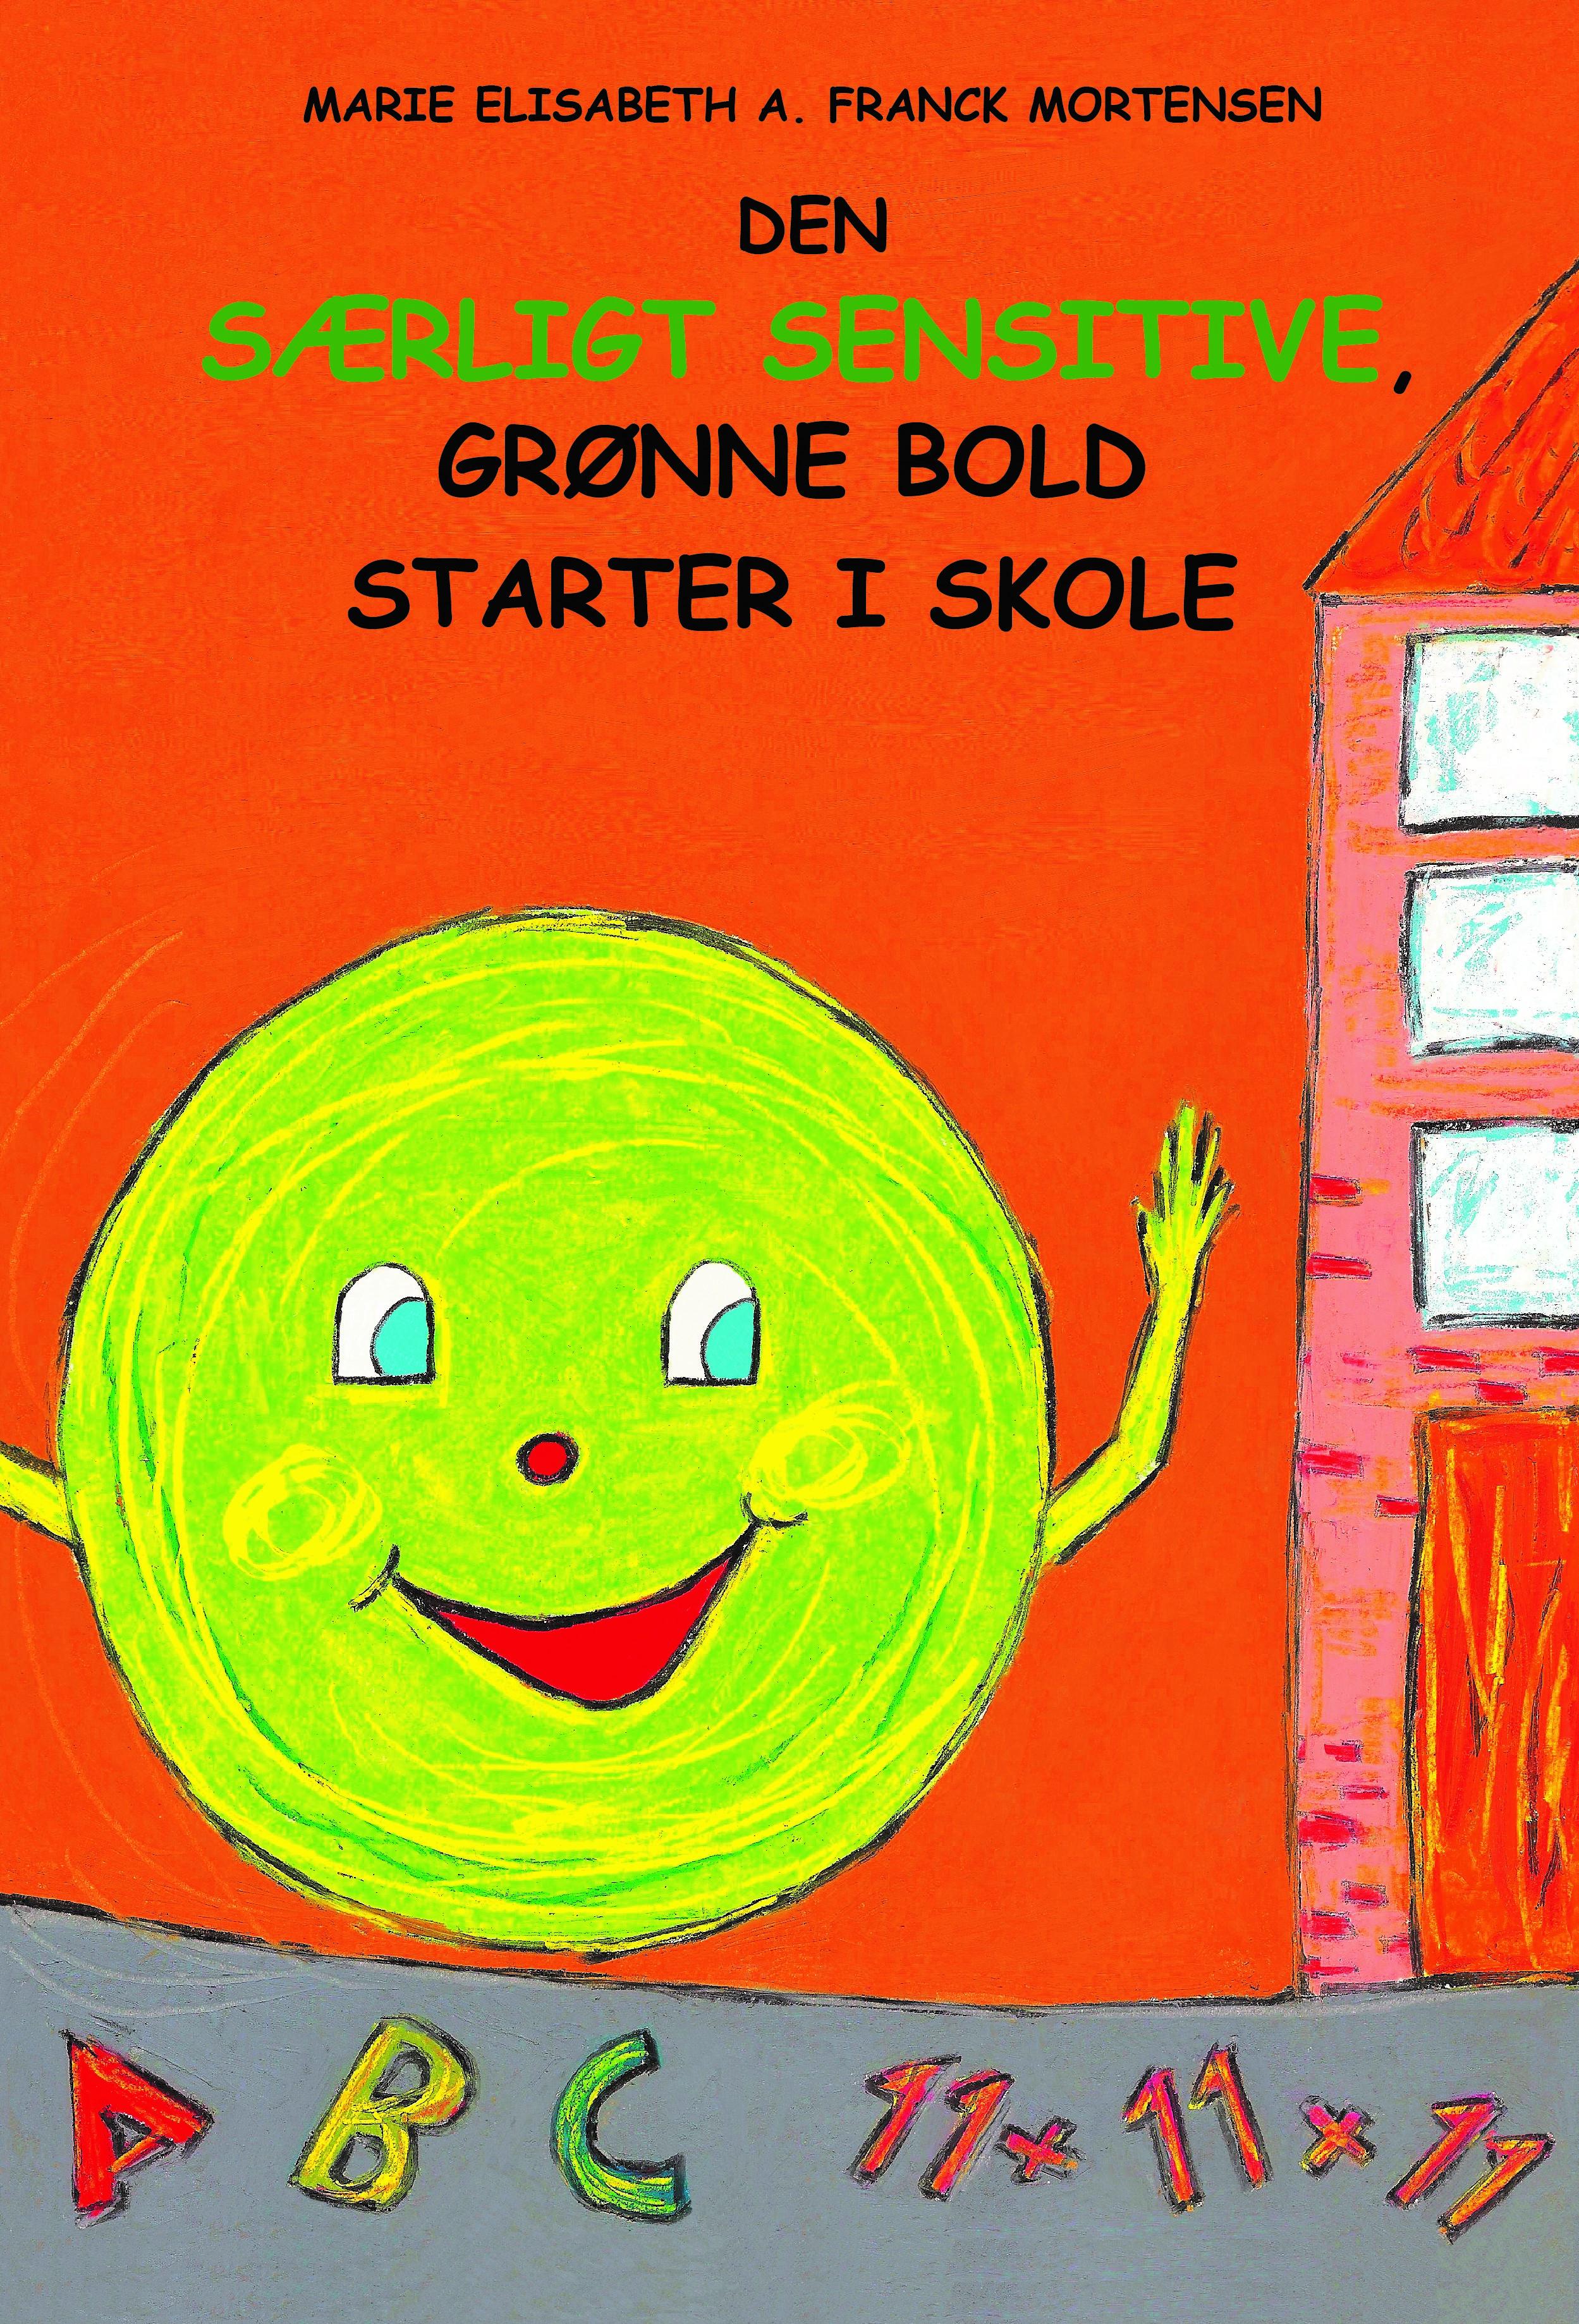 Den særligt sensitive, grønne bold starter i skole, billedbørnebog af Marie Elisabeth A. Franck Mortensen, udgivet april 2017 på forlaget CreativeSpaces-fm.com